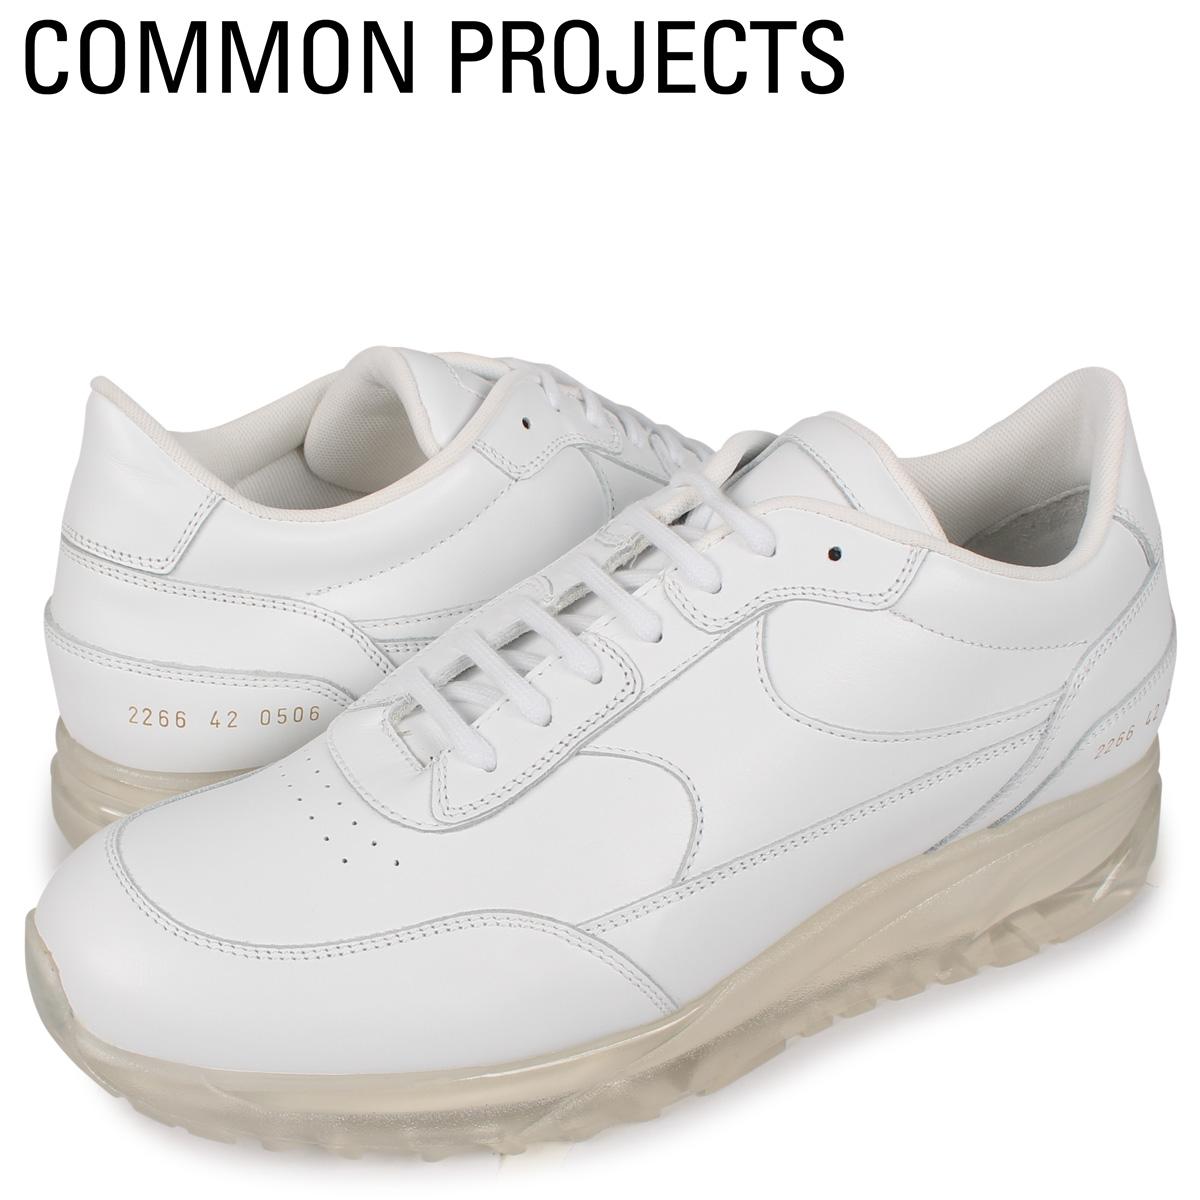 コモンプロジェクト Common Projects トーナメント スニーカー メンズ TRANSPARENT SOLE PACK ホワイト 白 2266-0506 [4/2新入荷]